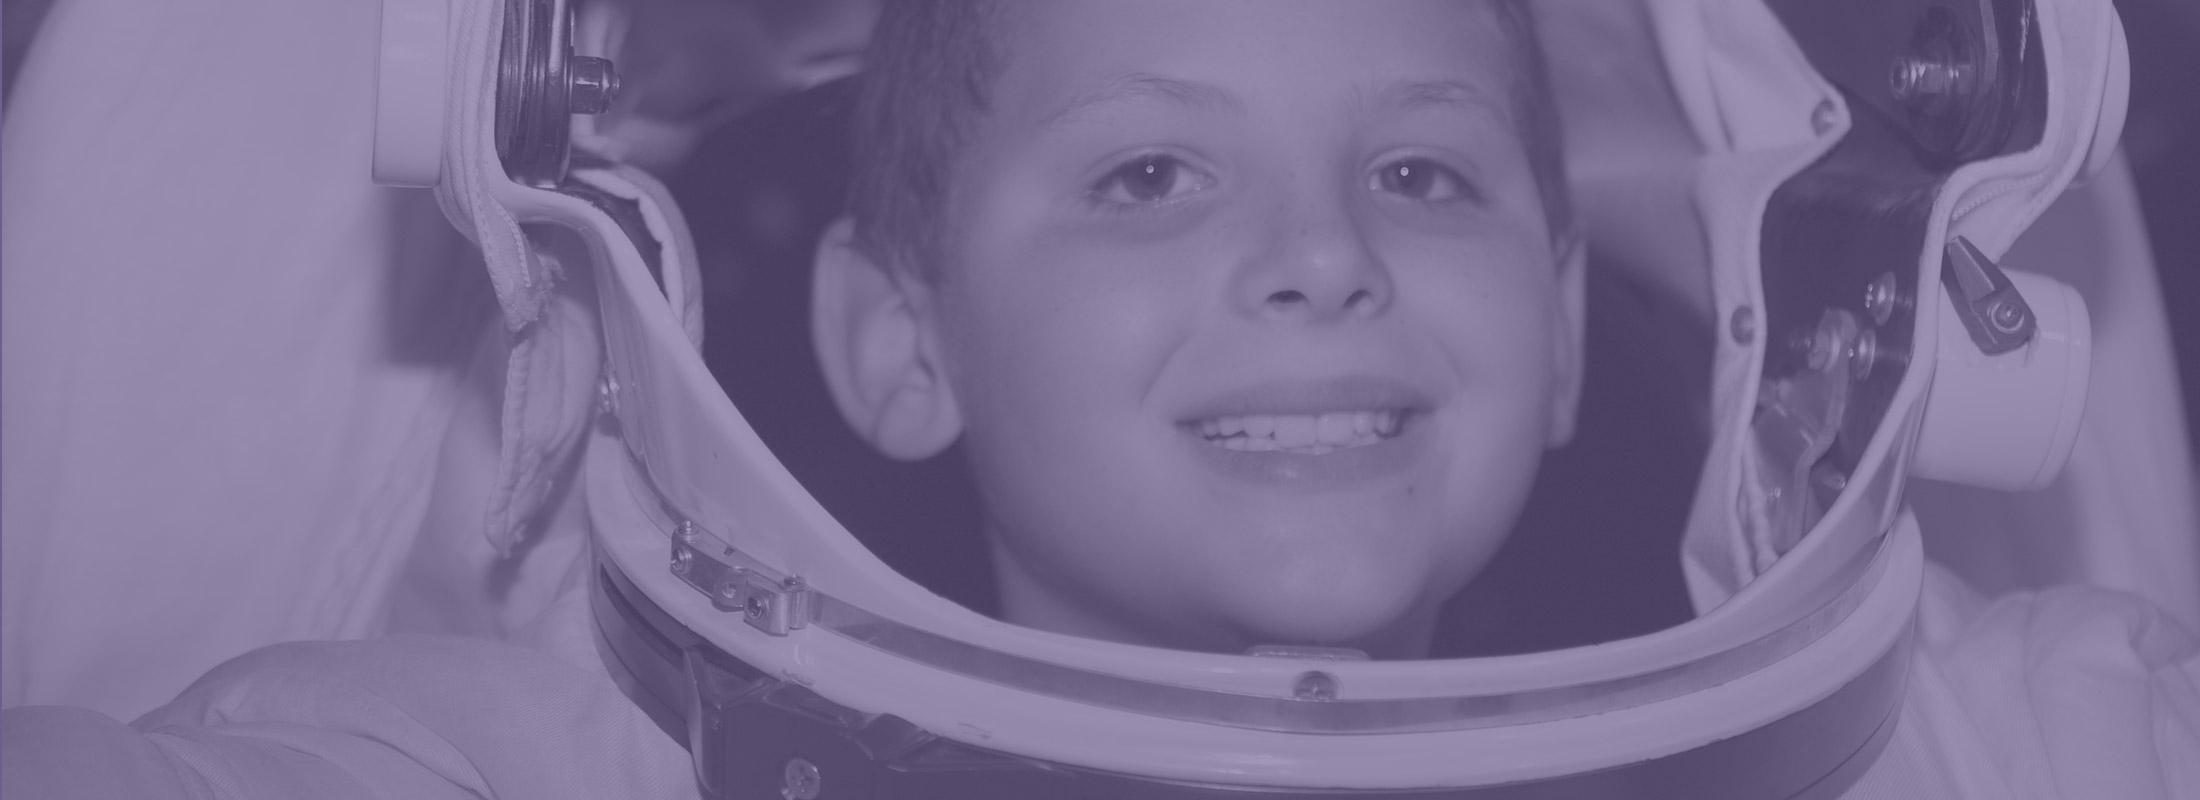 Kid in space gear